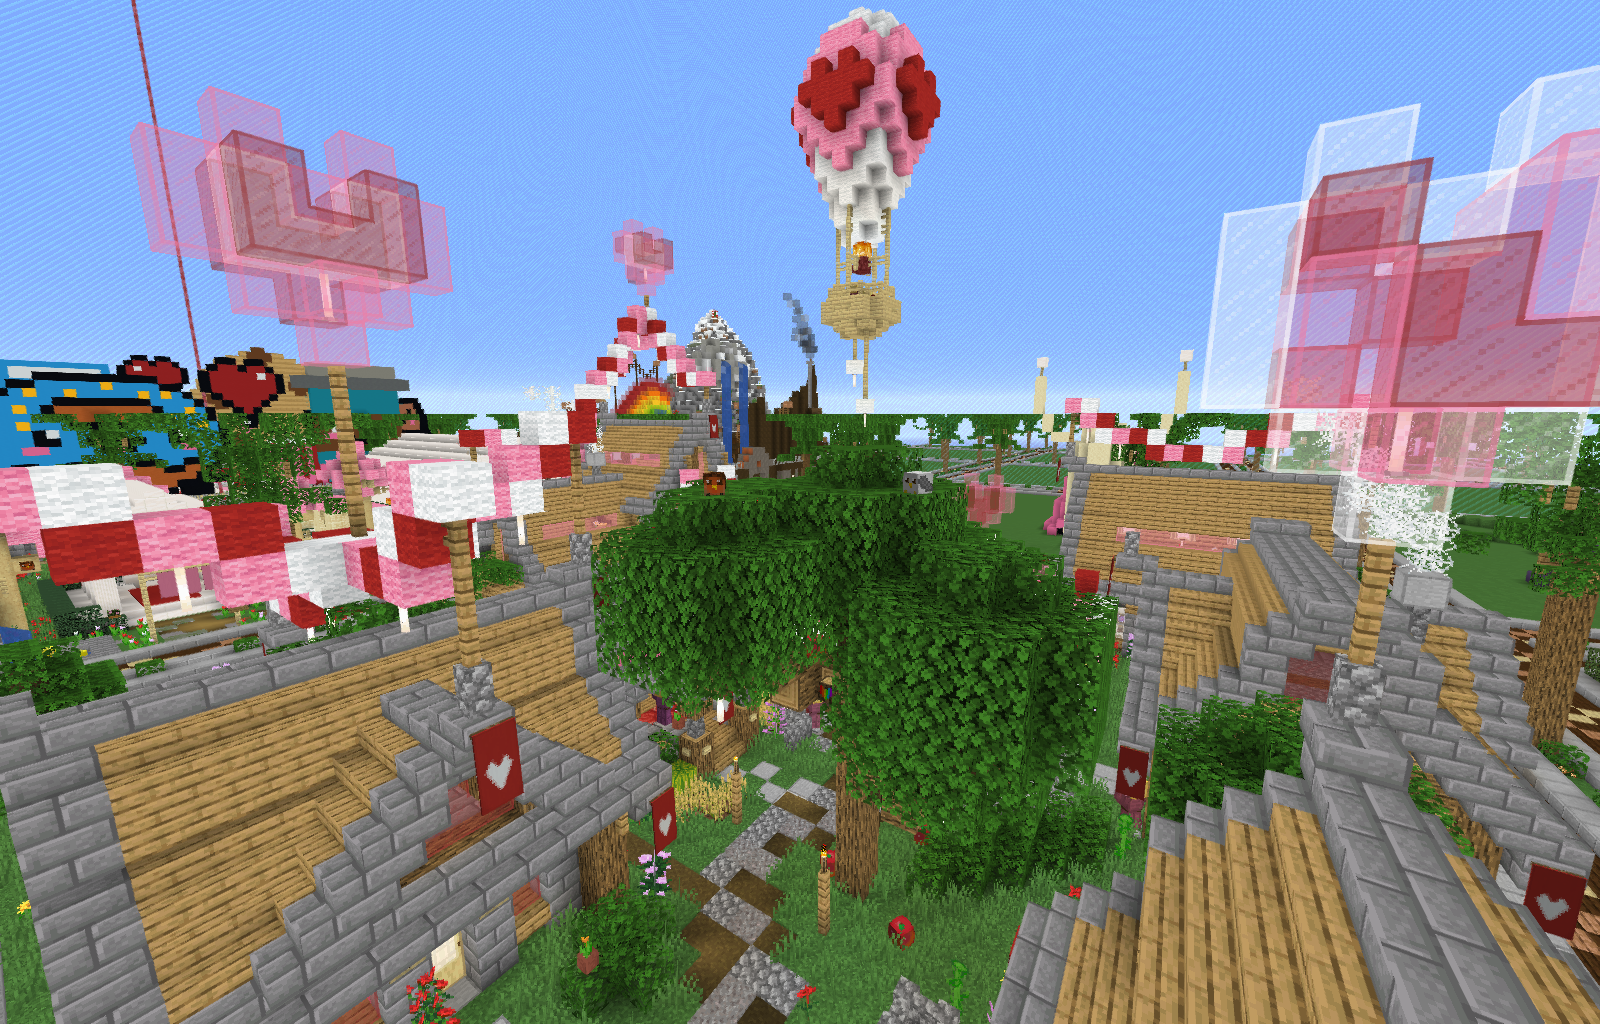 LizzieLadyBug's Love Village